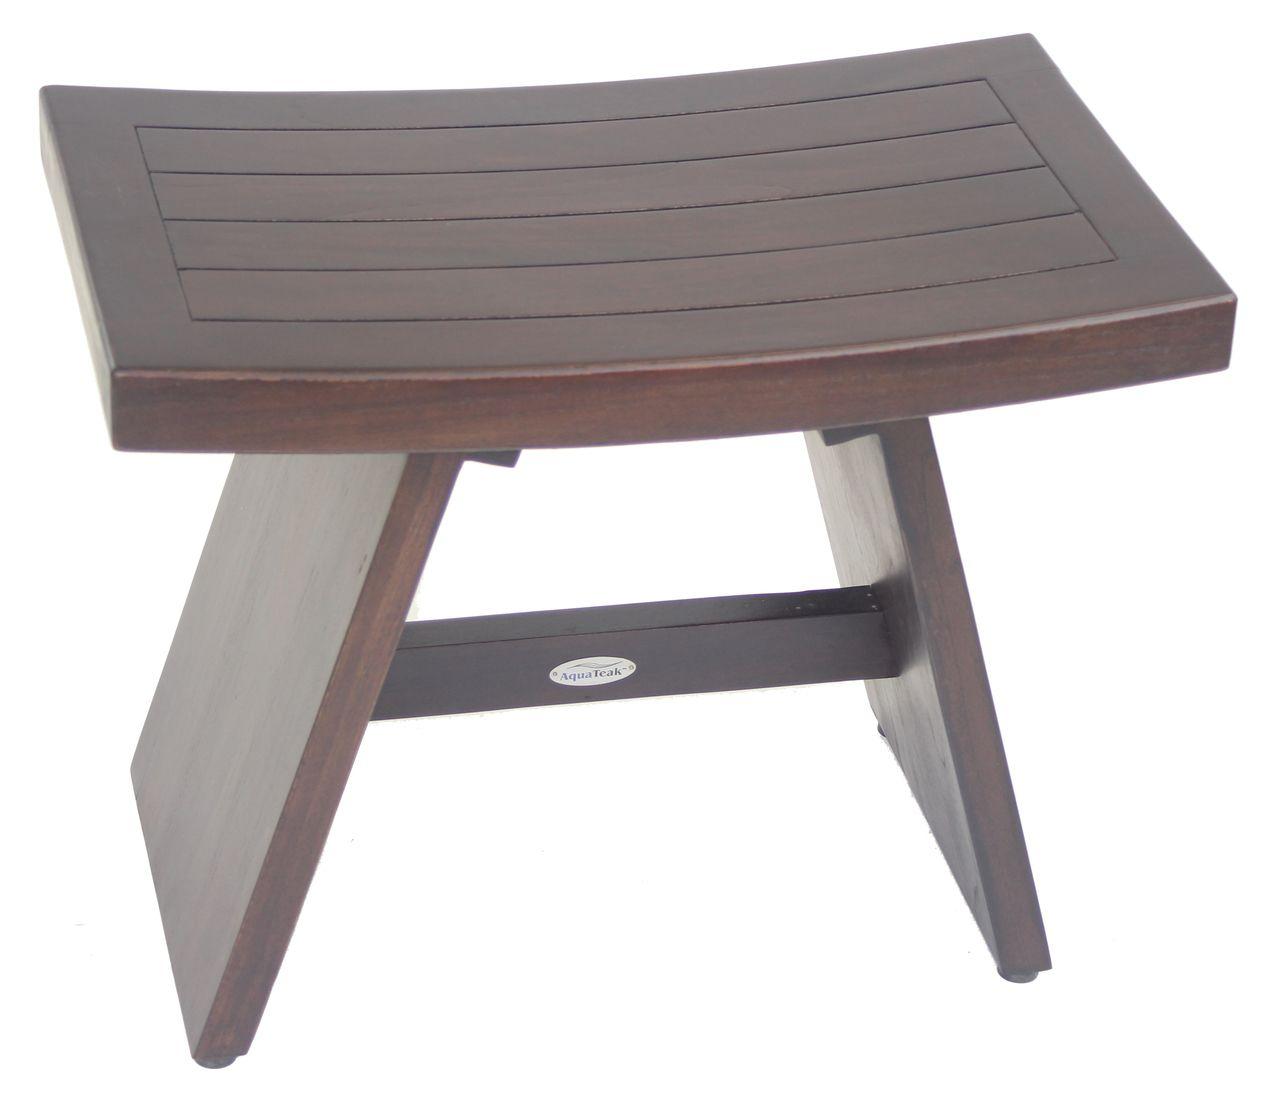 Aqua teak 24 asia mocha teak shower bench 14995